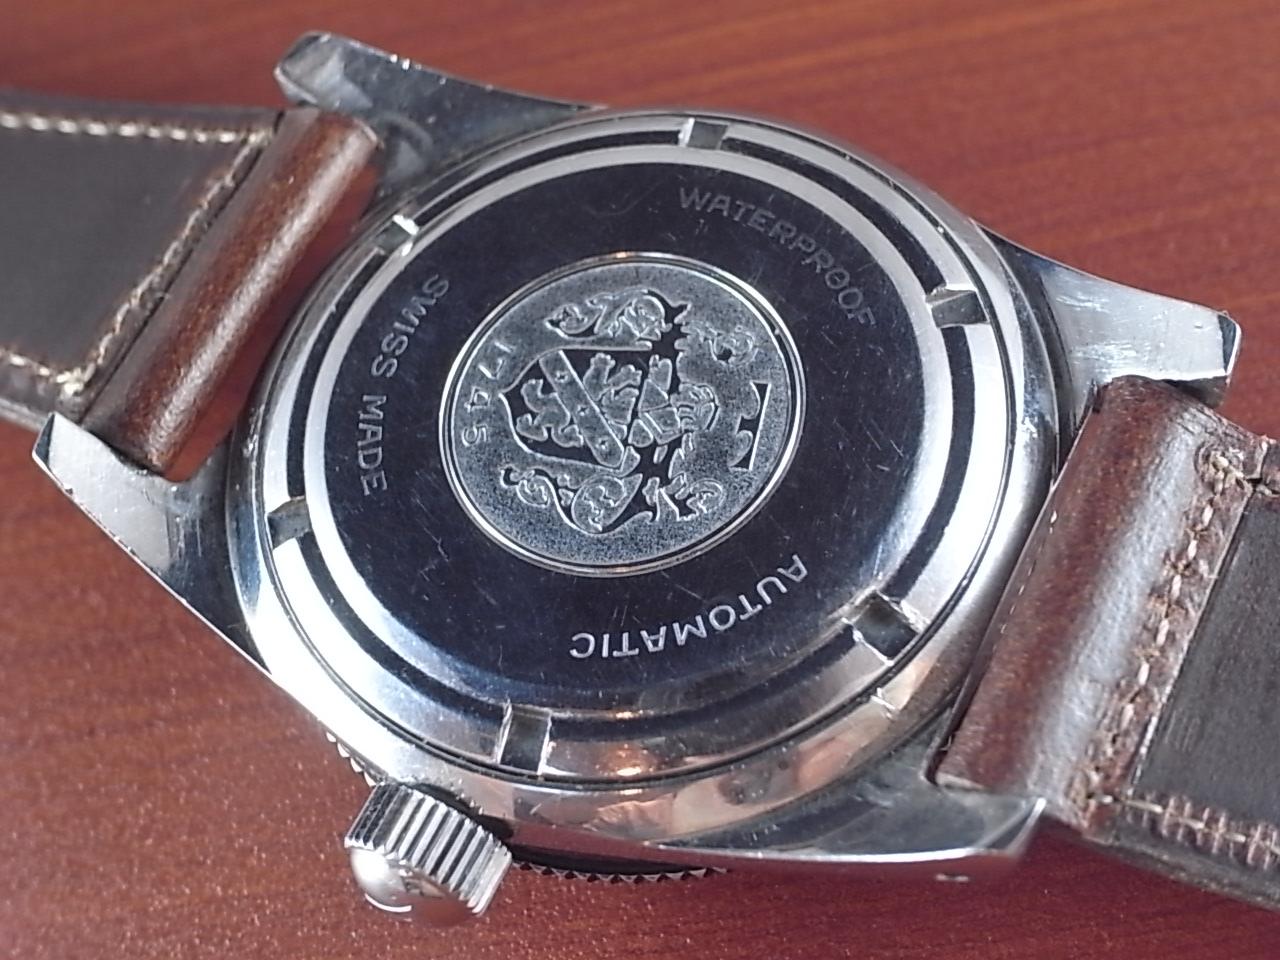 テクノス スカイダイバー トロピカルダイアル 30JEWELS 1960年代の写真4枚目